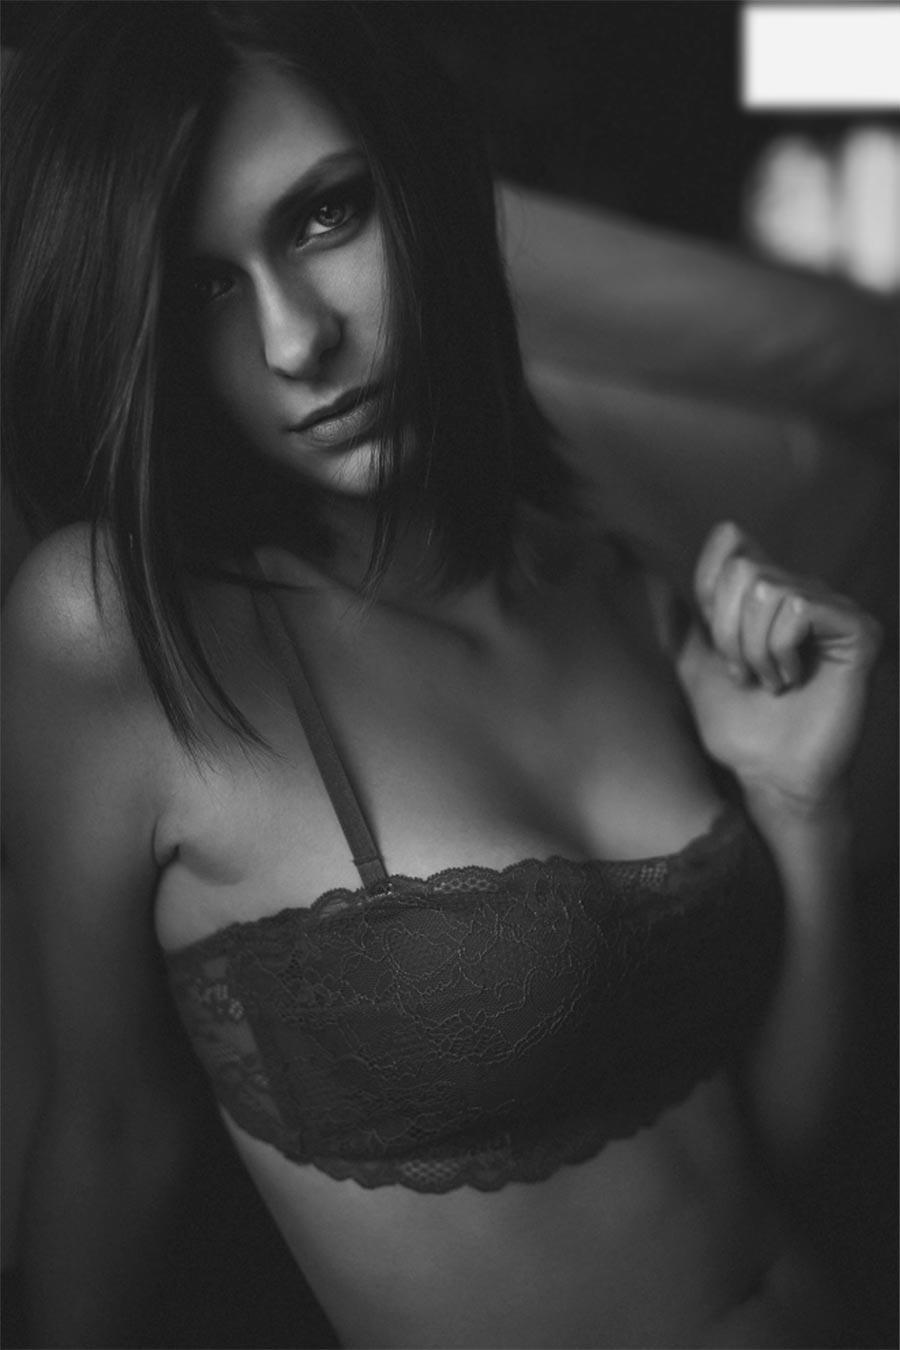 Красота женского тела в будуарной фотографии